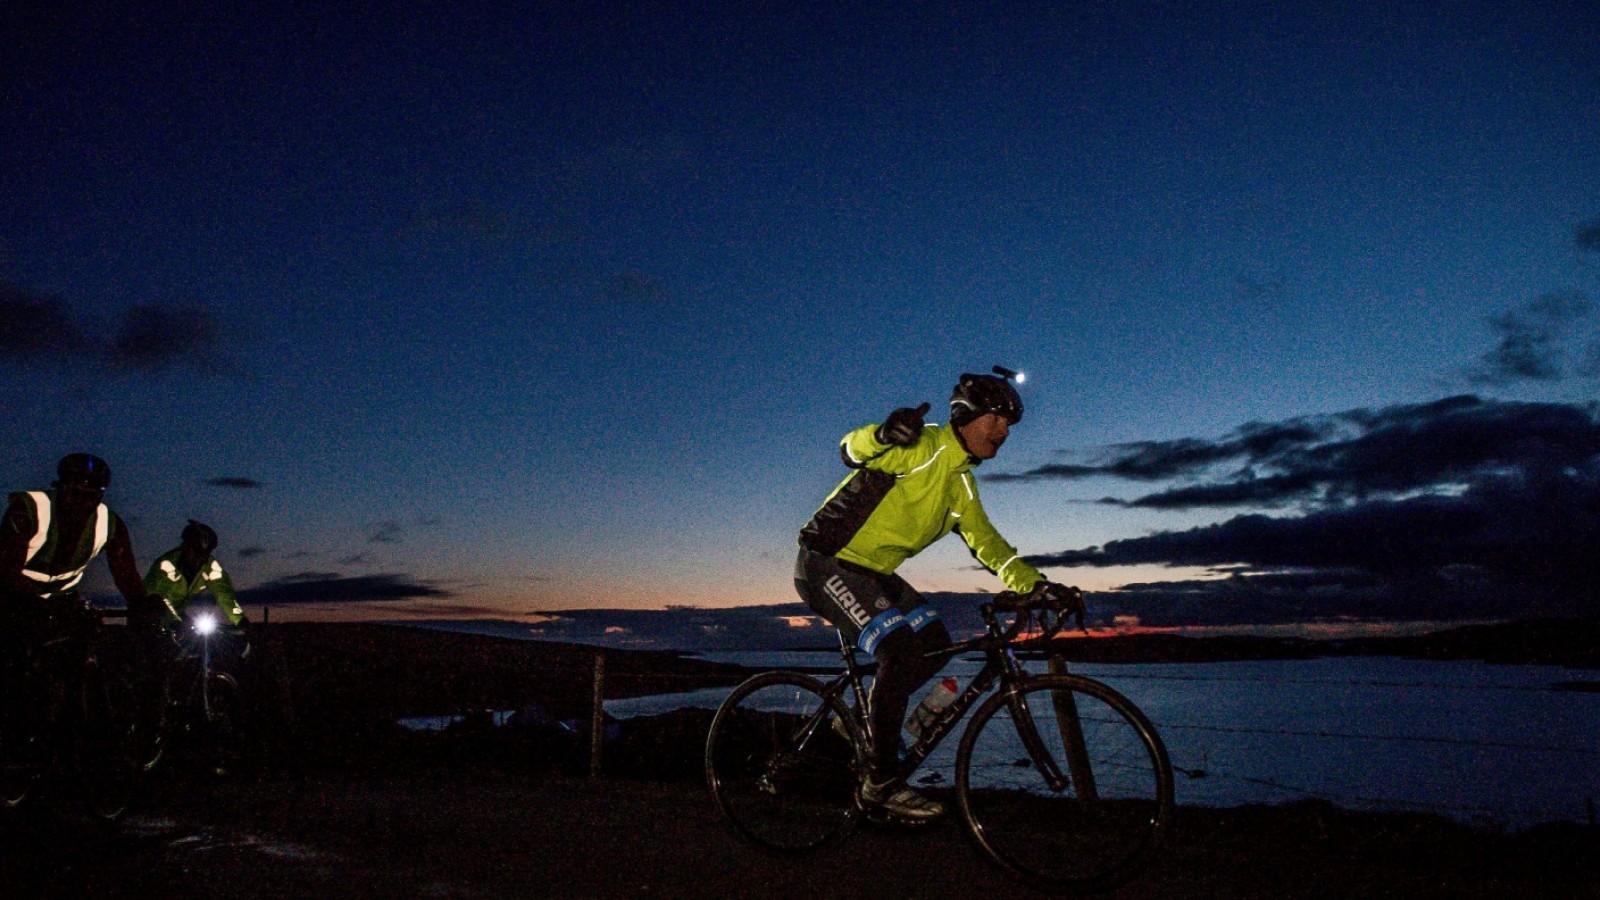 night-rider-banner-photos-kg-website4.jpg